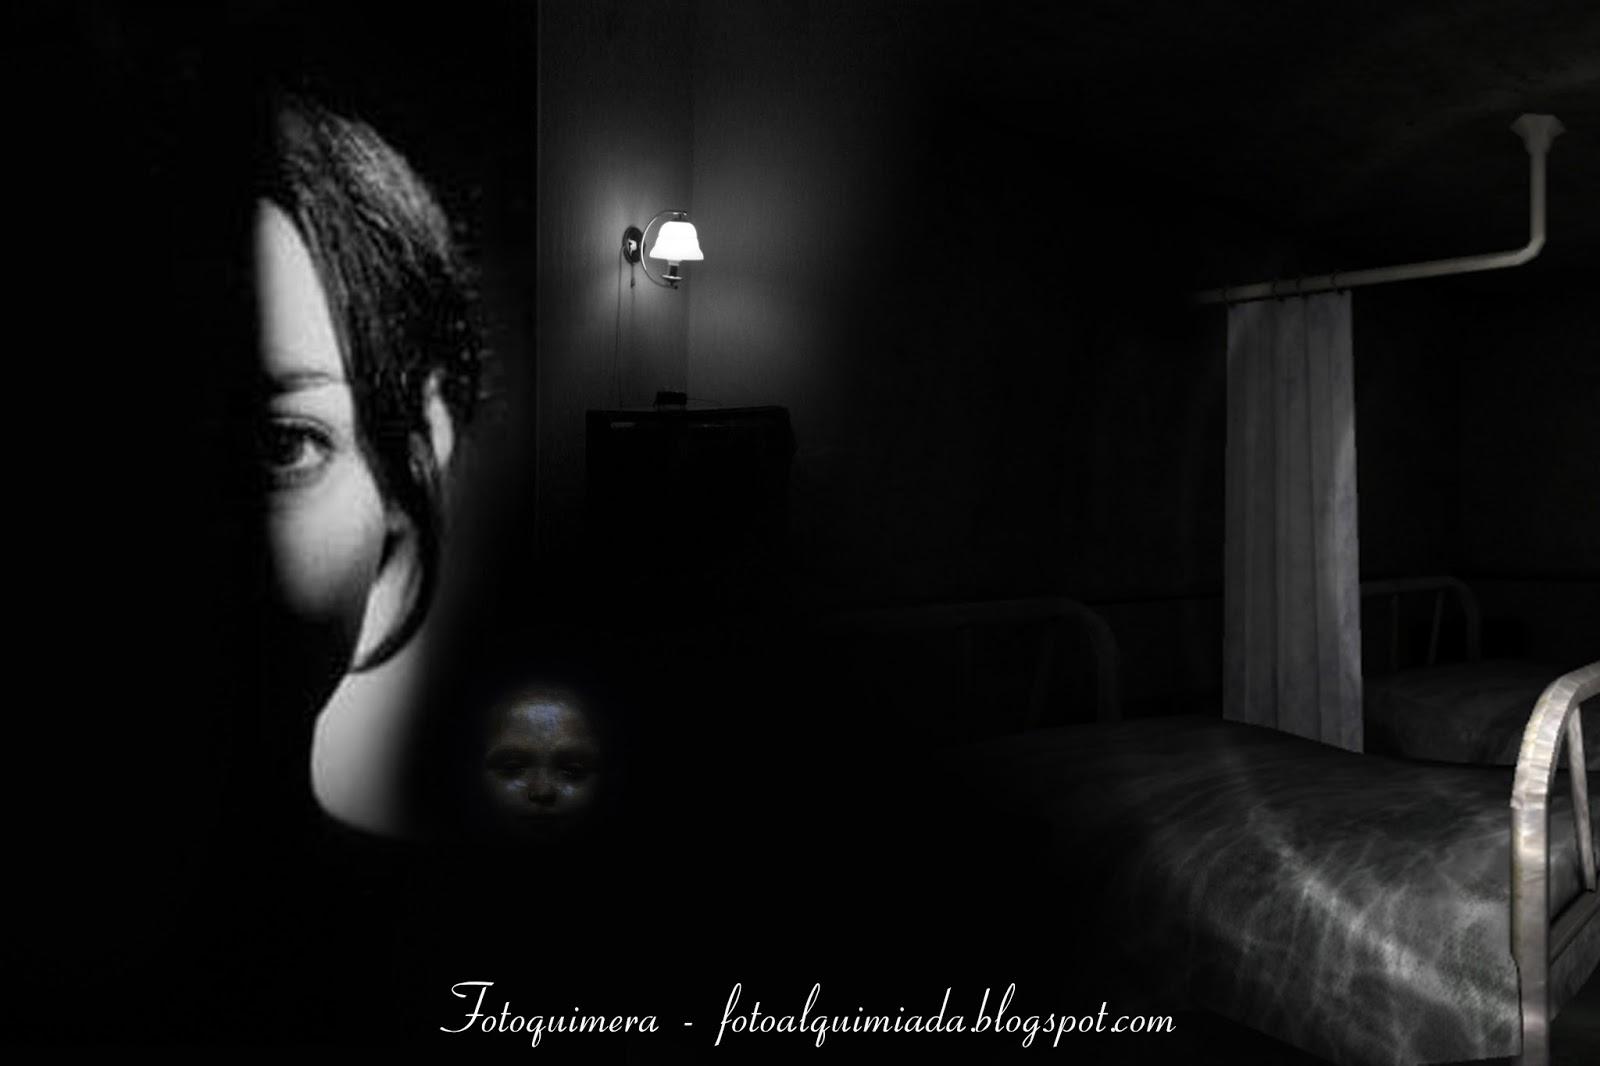 Fotoquimera: El cuarto oscuro.